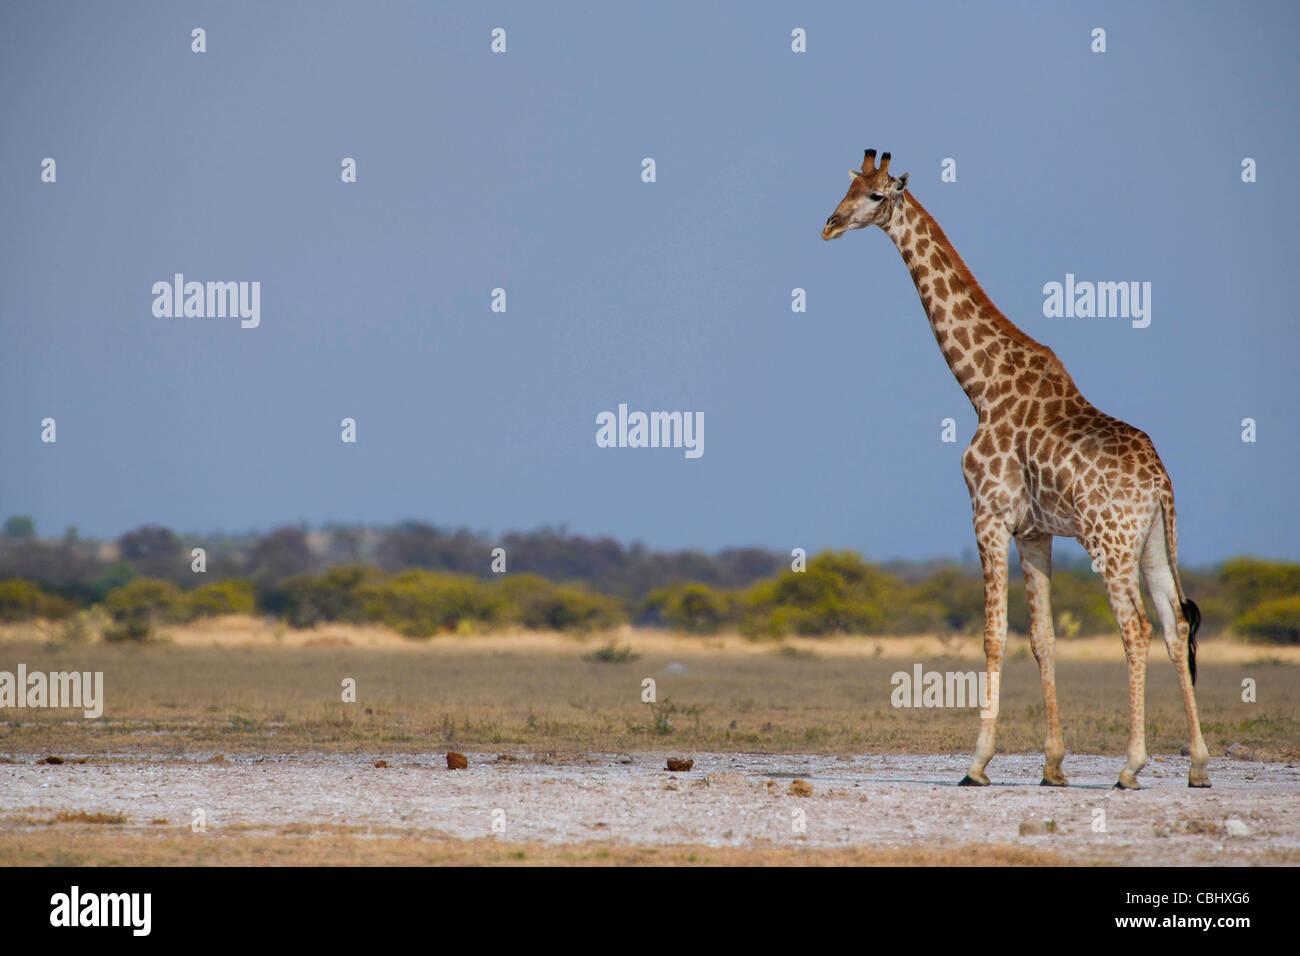 Una jirafa (Giraffa camelopardalis) capturado en una de las salinas en el Parque Nacional de Nxai Pan, Botswana Imagen De Stock